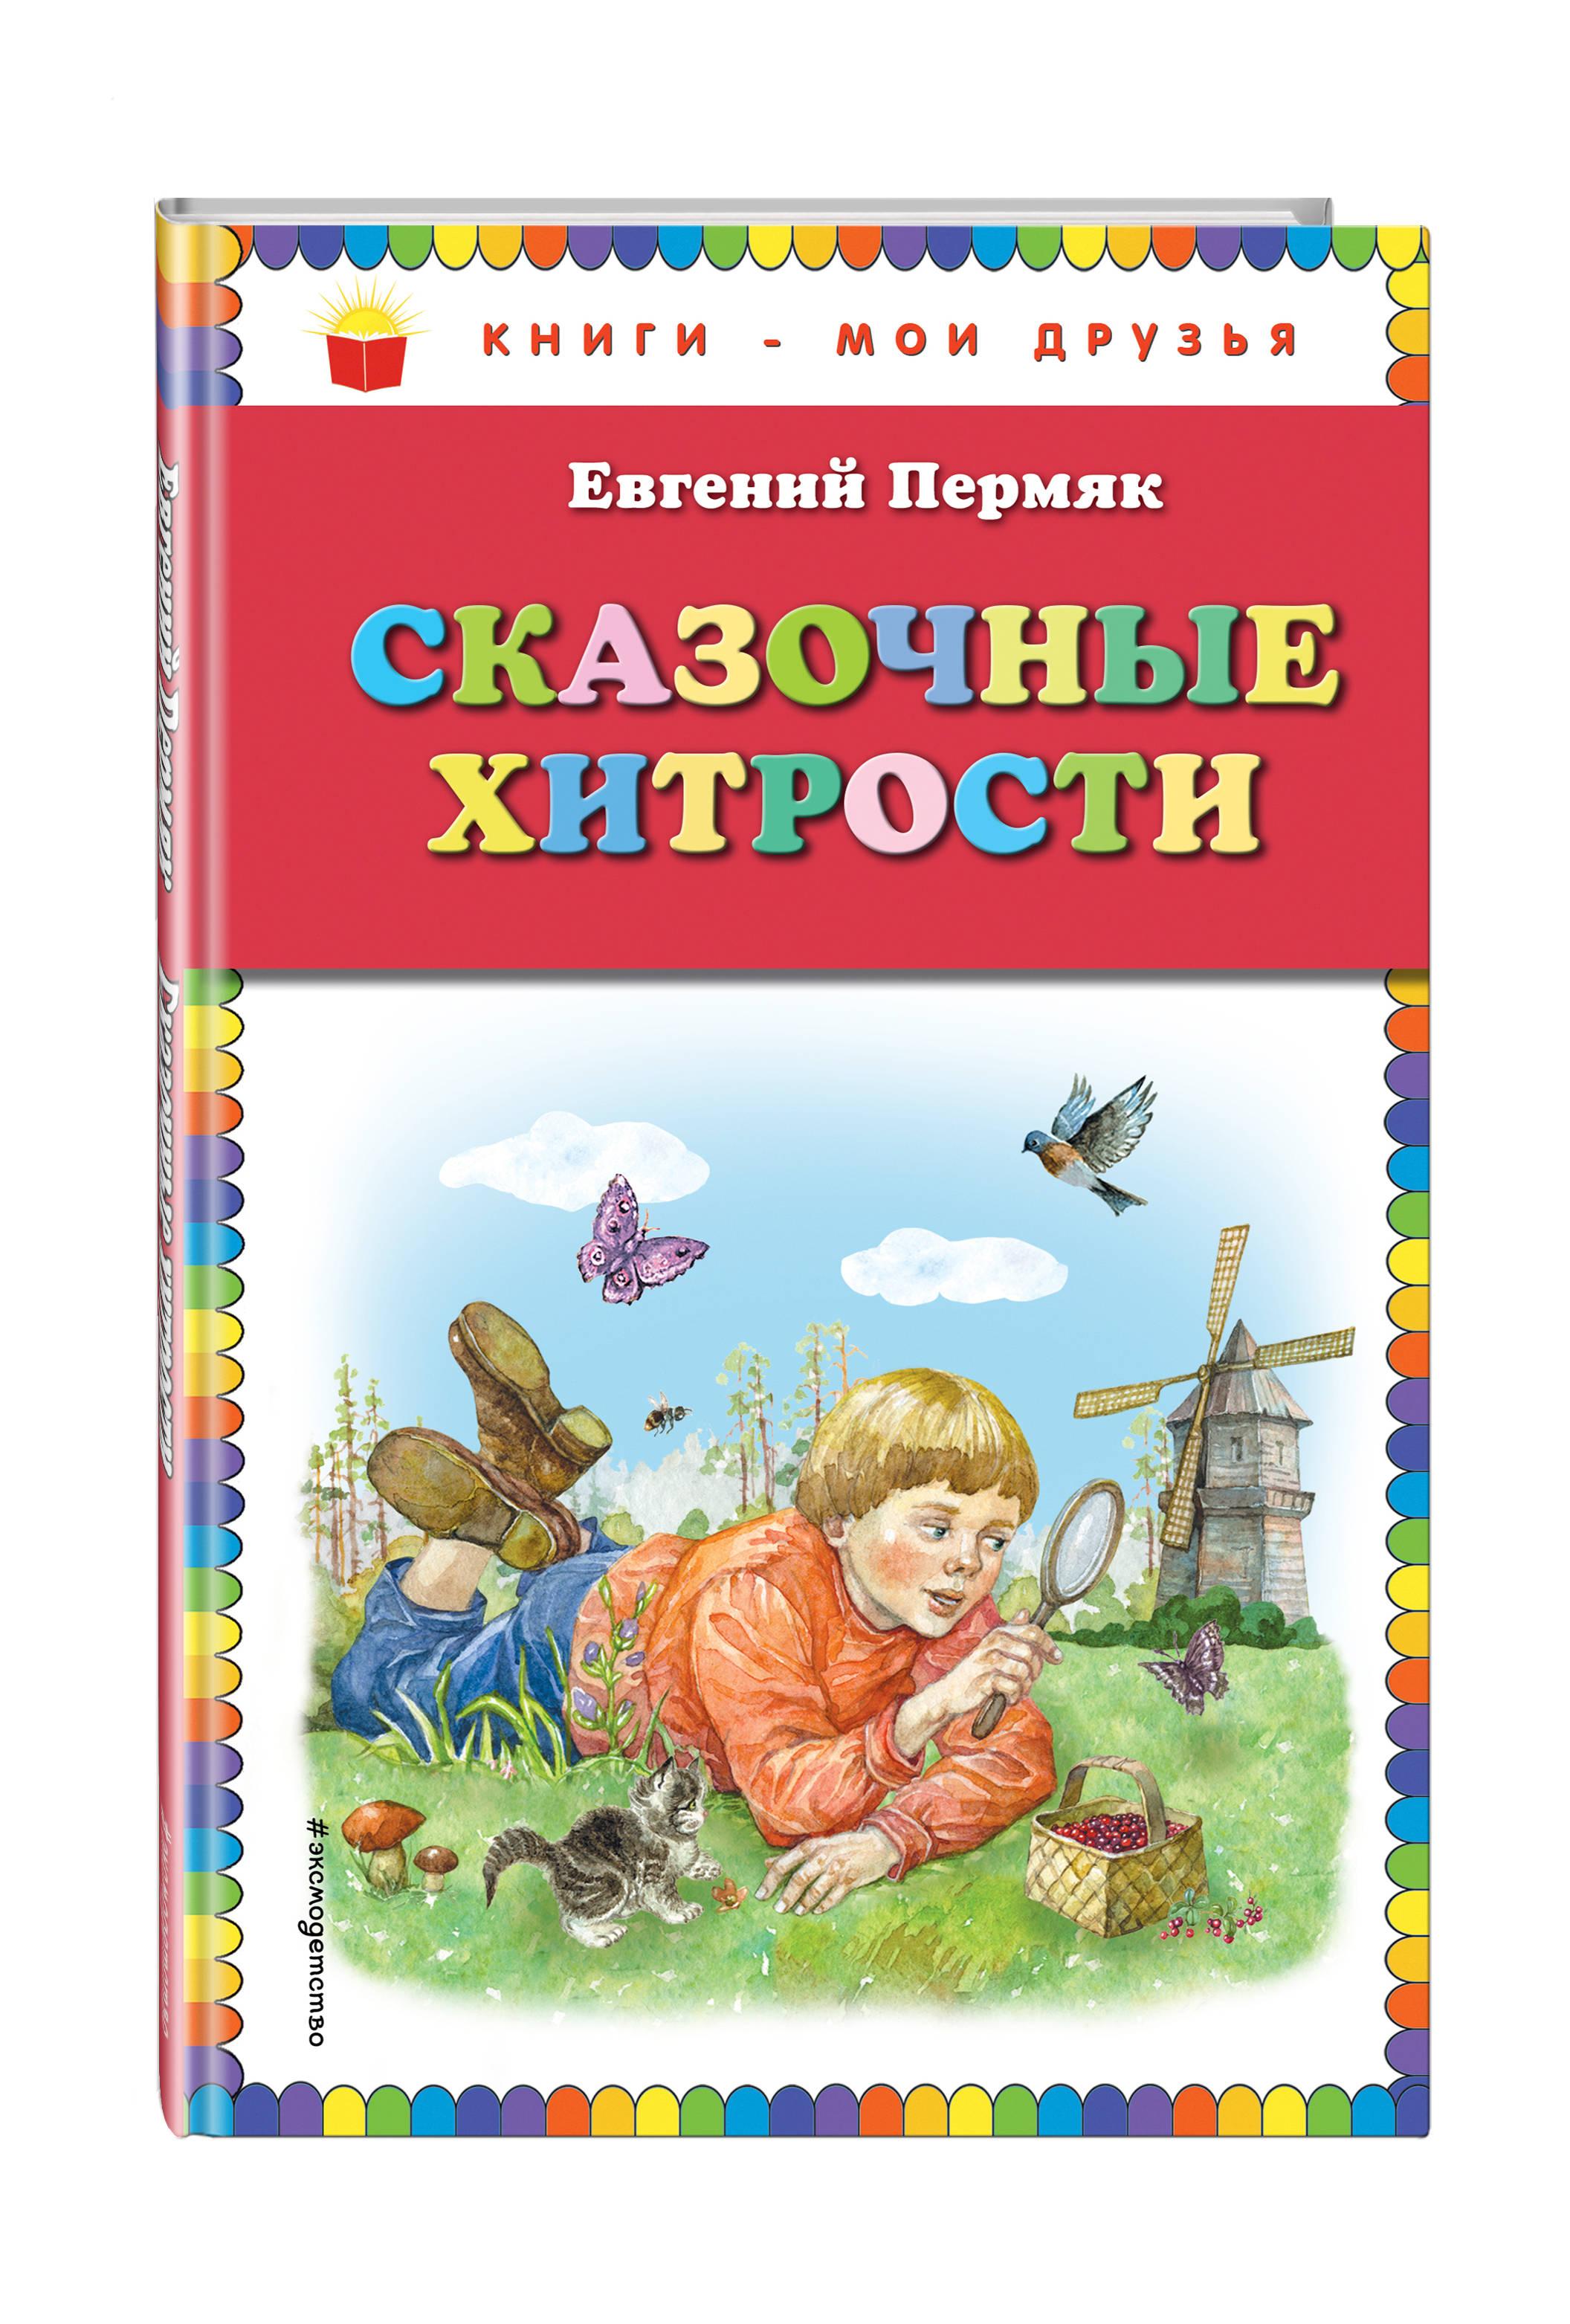 Евгений Пермяк Сказочные хитрости евгений пермяк сказочные хитрости